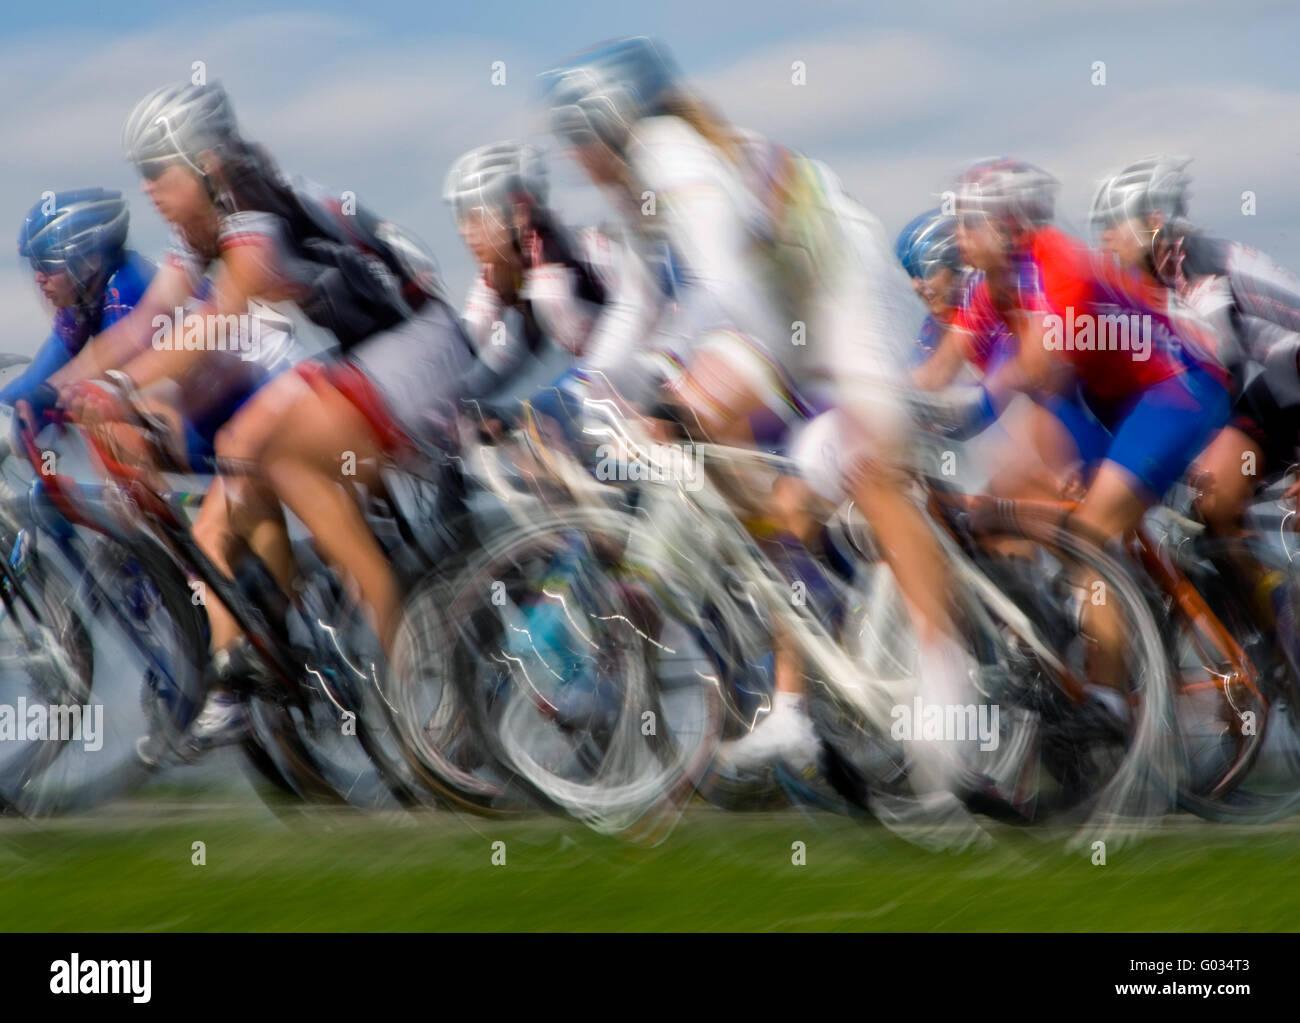 Cycle Race - Stock Image